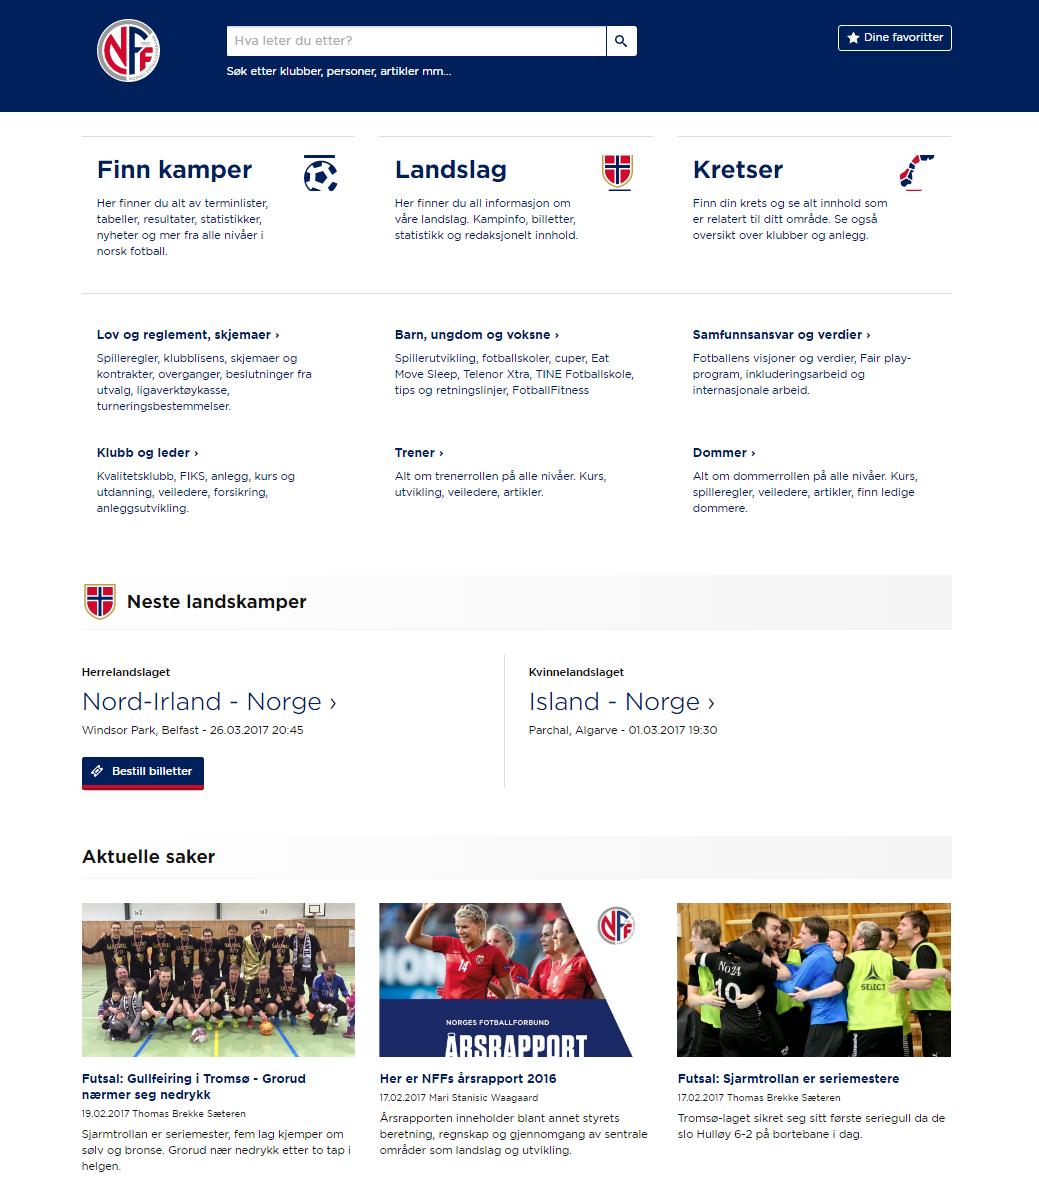 8f3546d3 Norges Fotbollsforbund